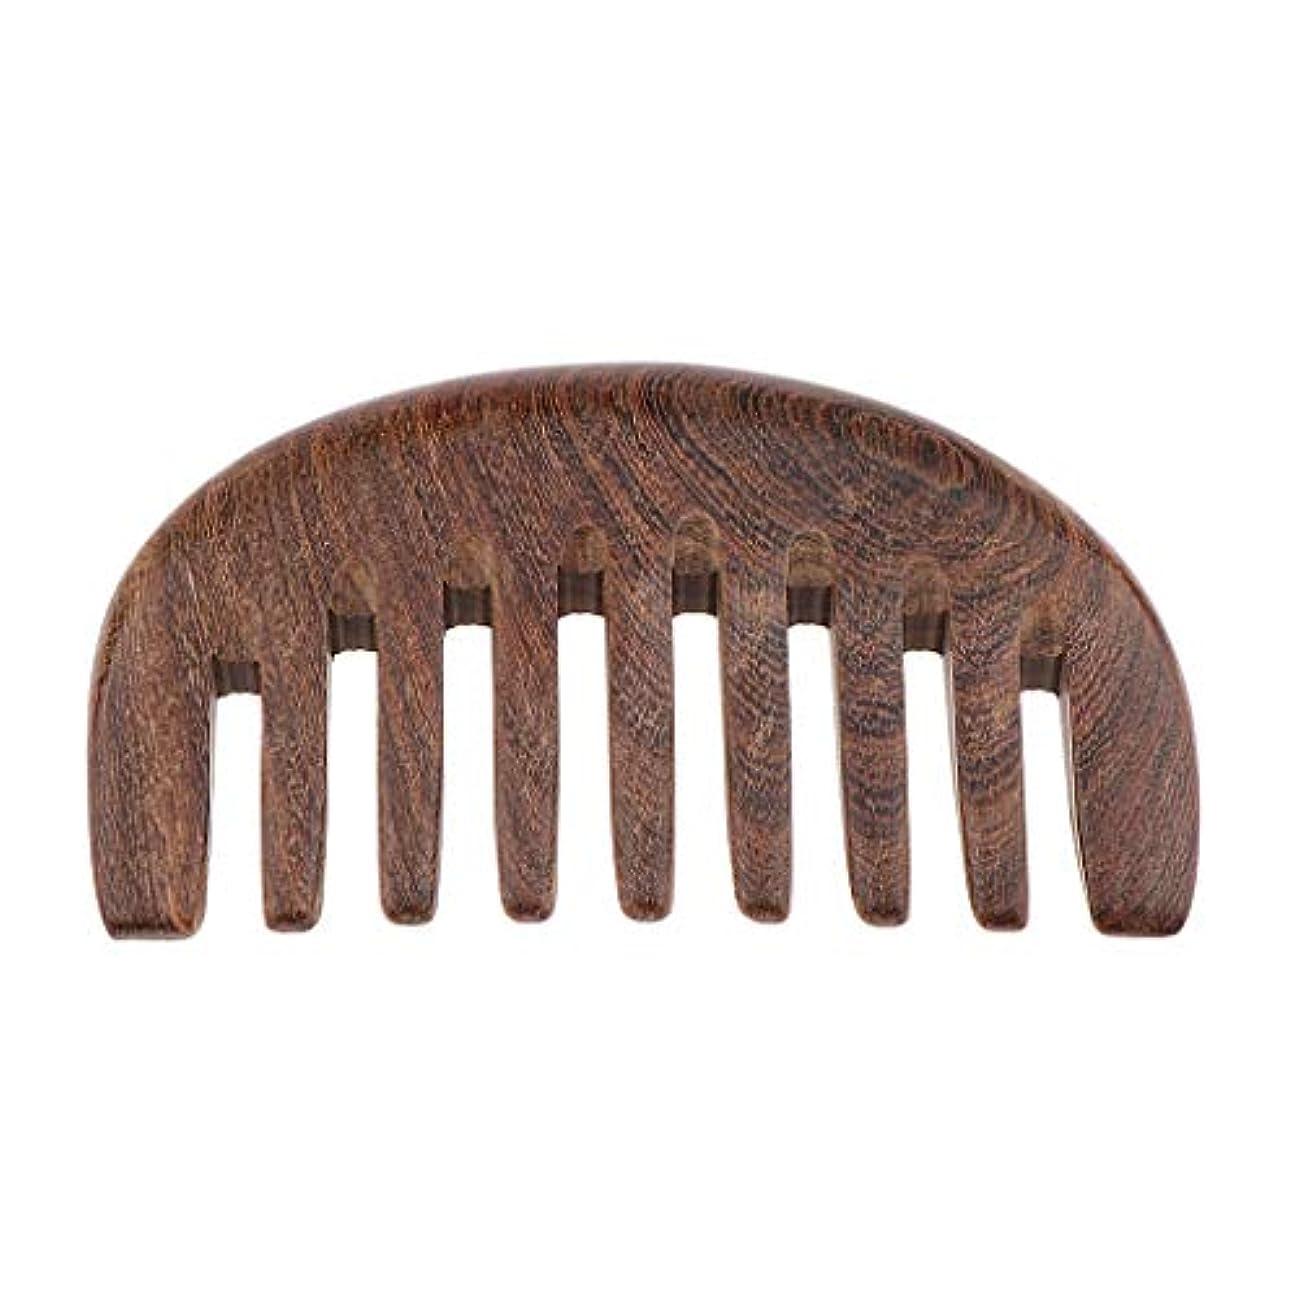 ハイブリッドトロピカル郵便物木製ヘアコーム 手作り 櫛 ナチュラル木製 マッサージコーム 3色選べ - クロロフォラ